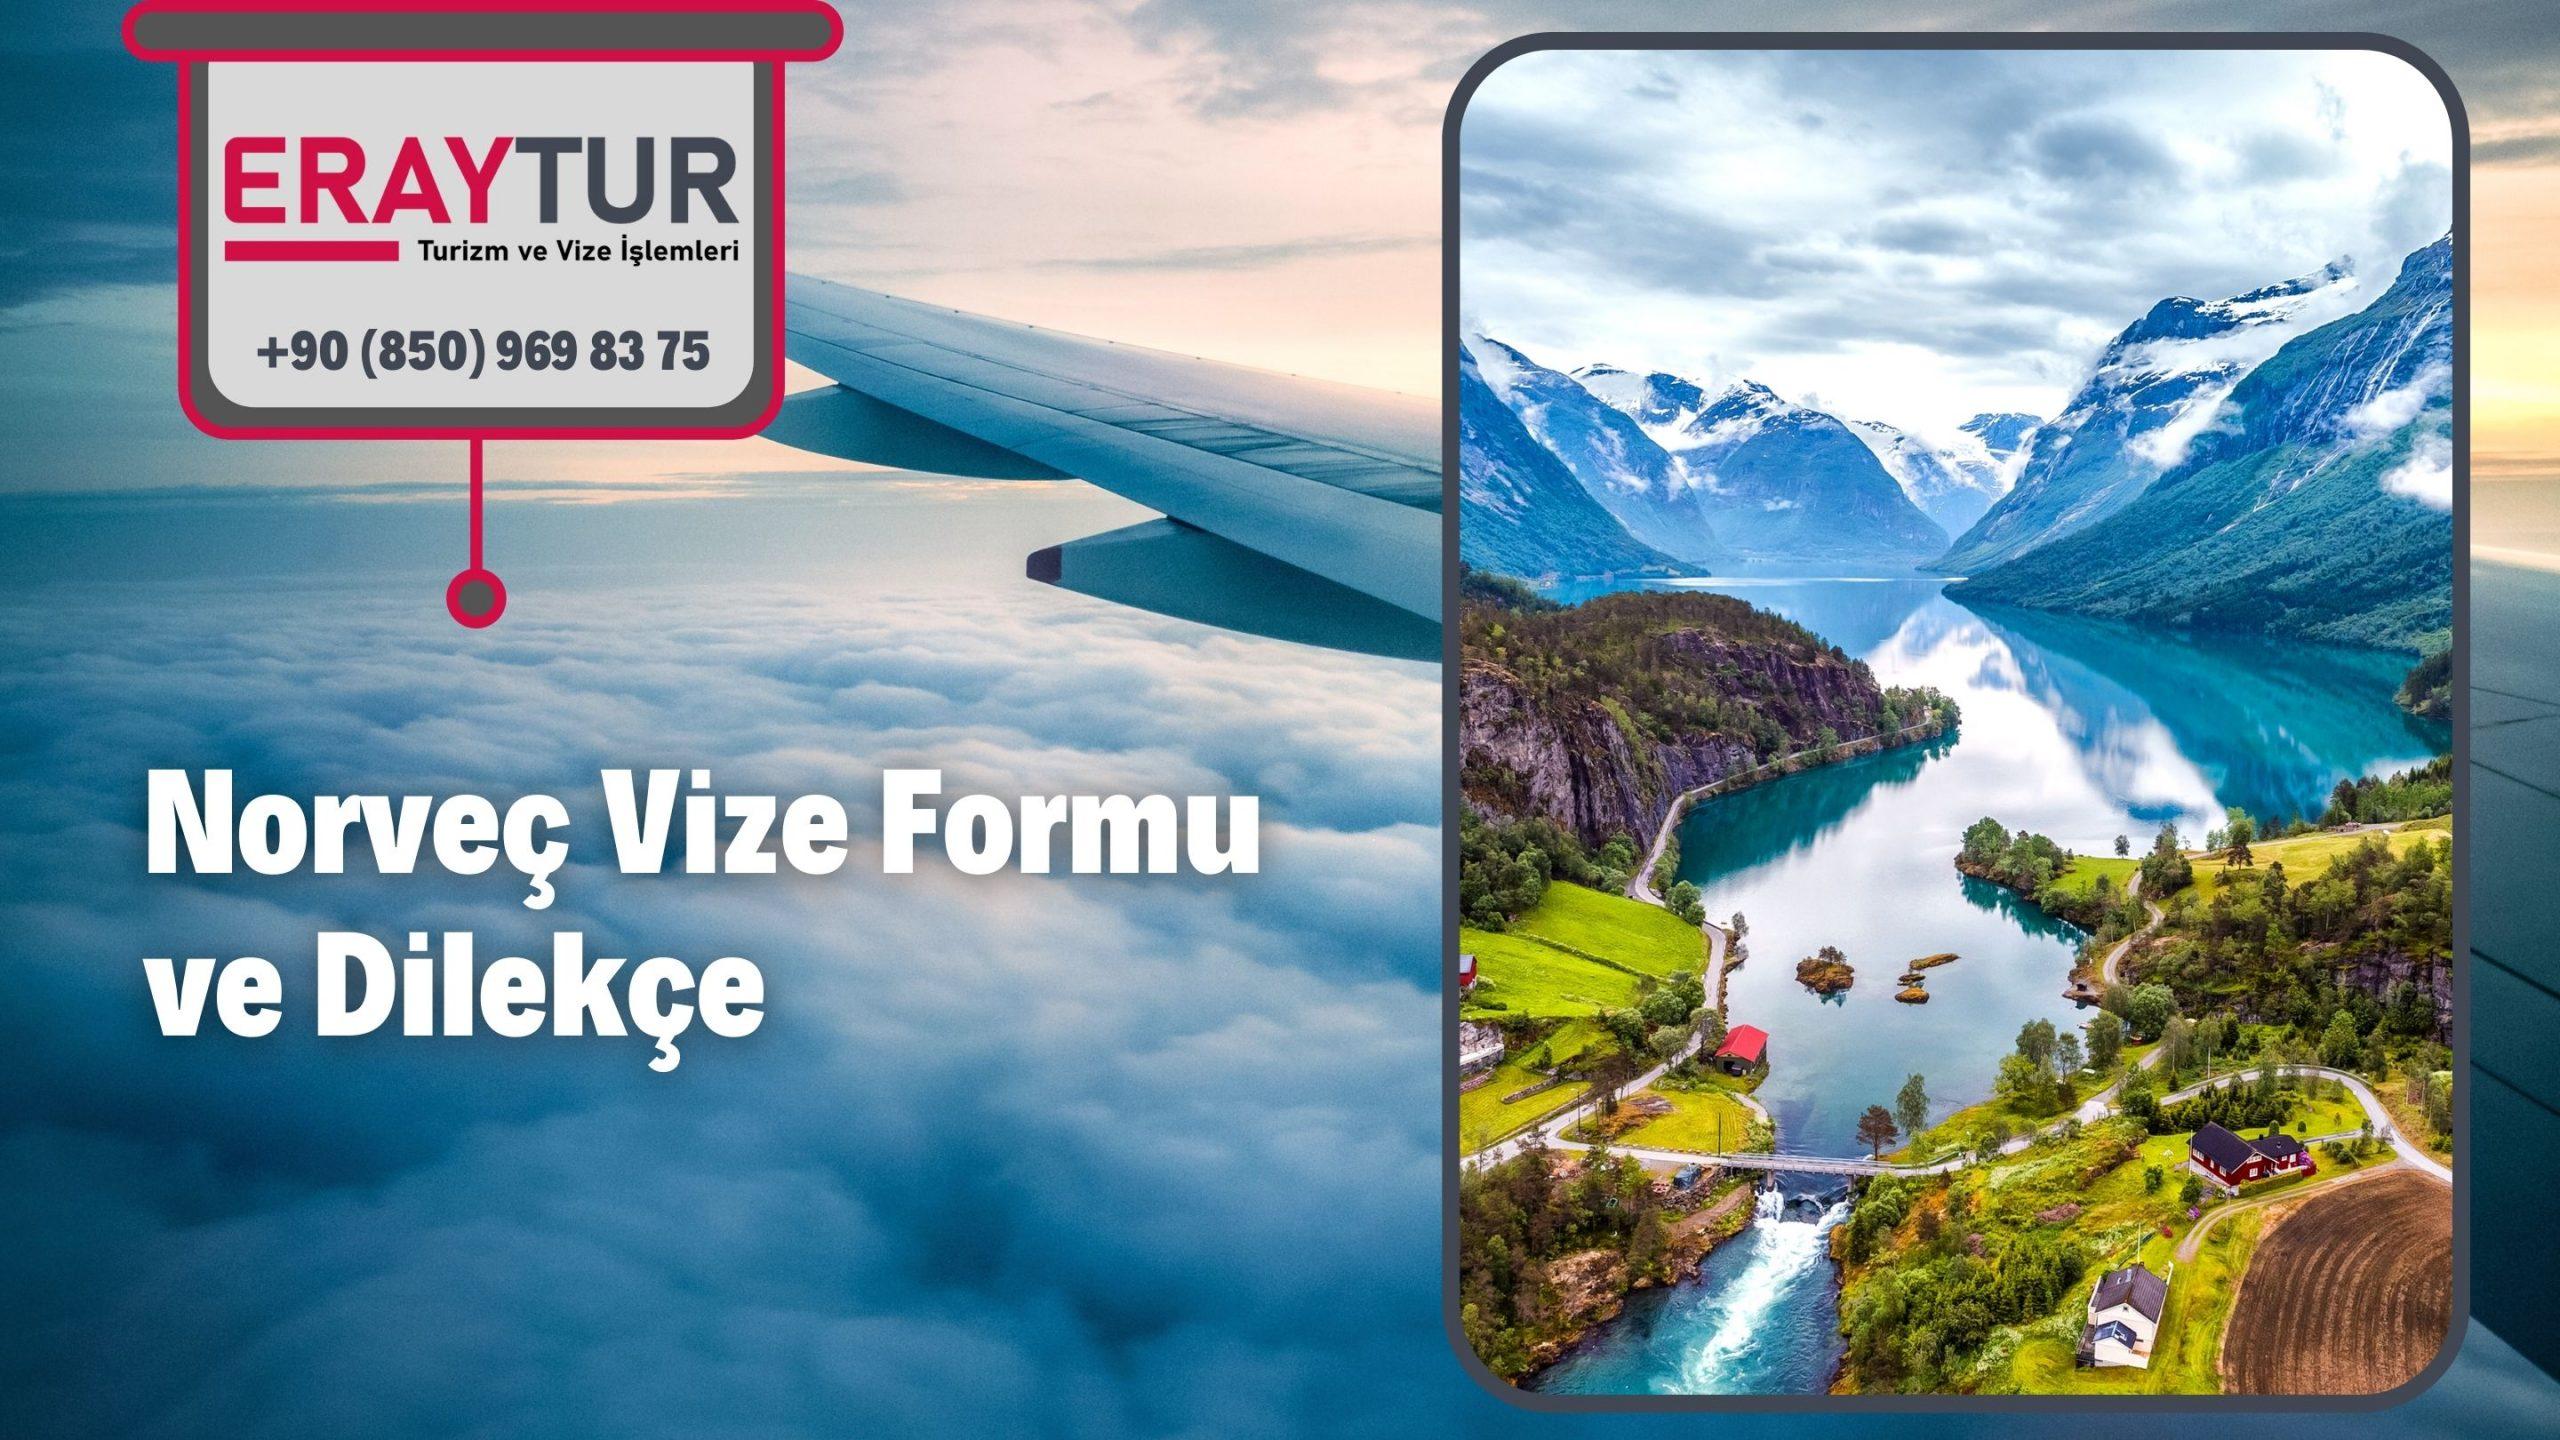 Norveç Vize Formu ve Dilekçe 1 – norvec vize formu ve dilekce 1 scaled